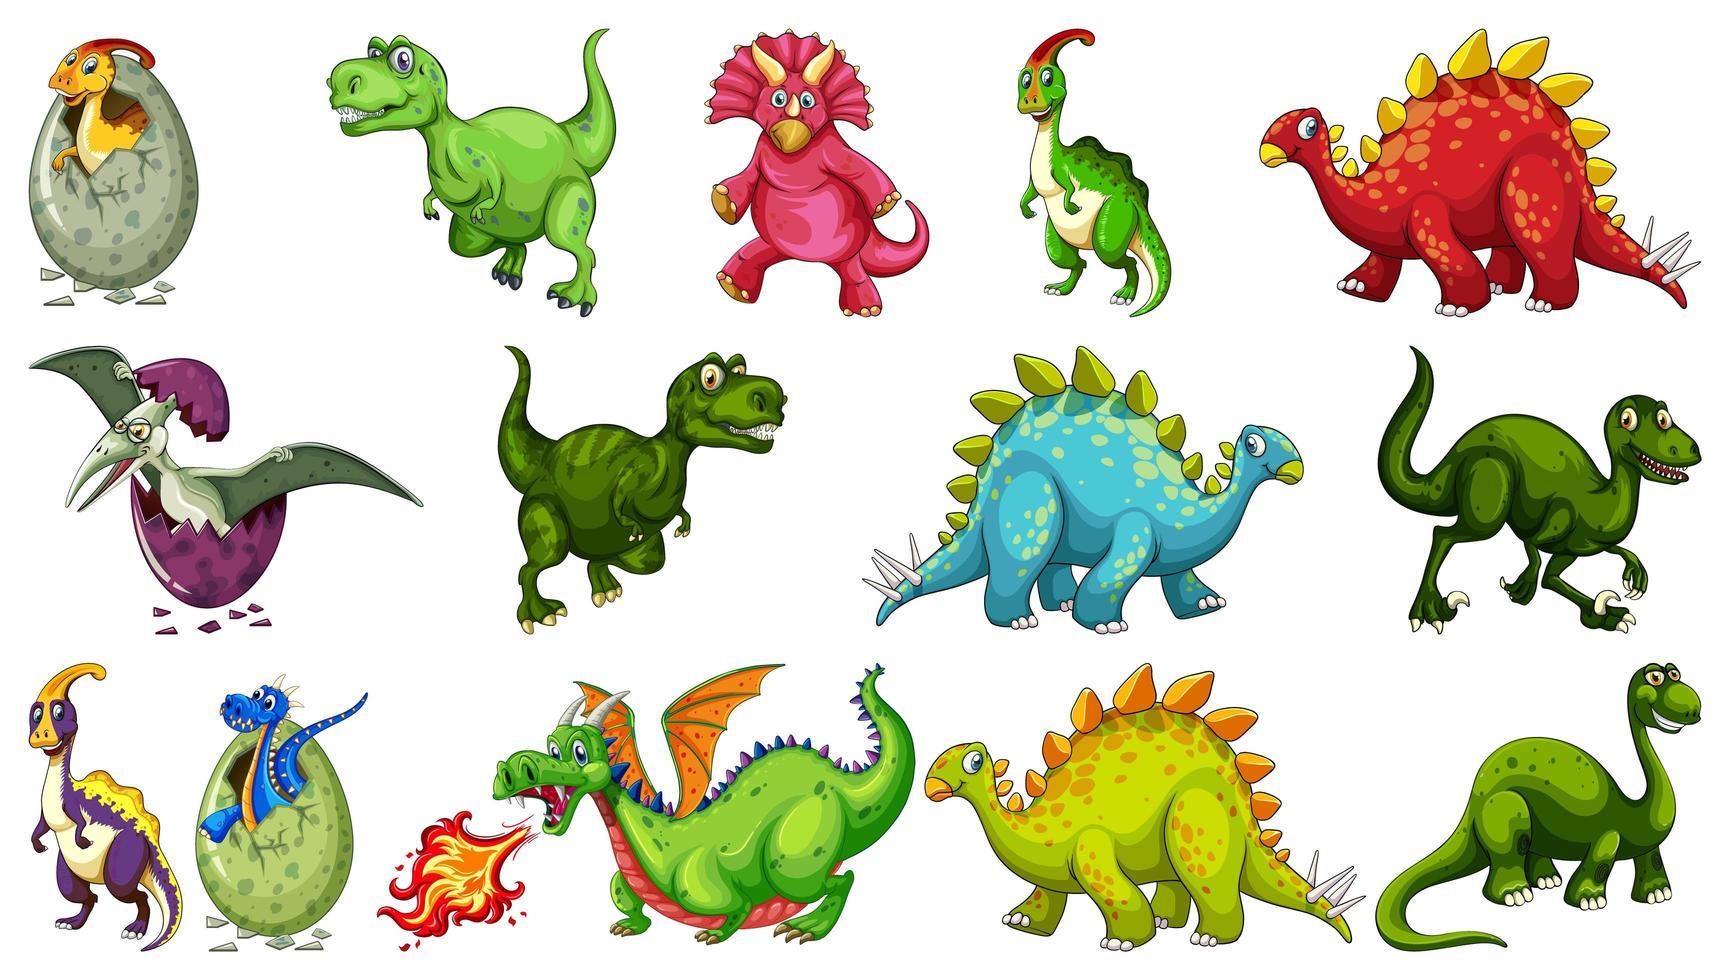 ensemble de personnage de dessin animé de dinosaure différent isolé sur fond blanc vecteur